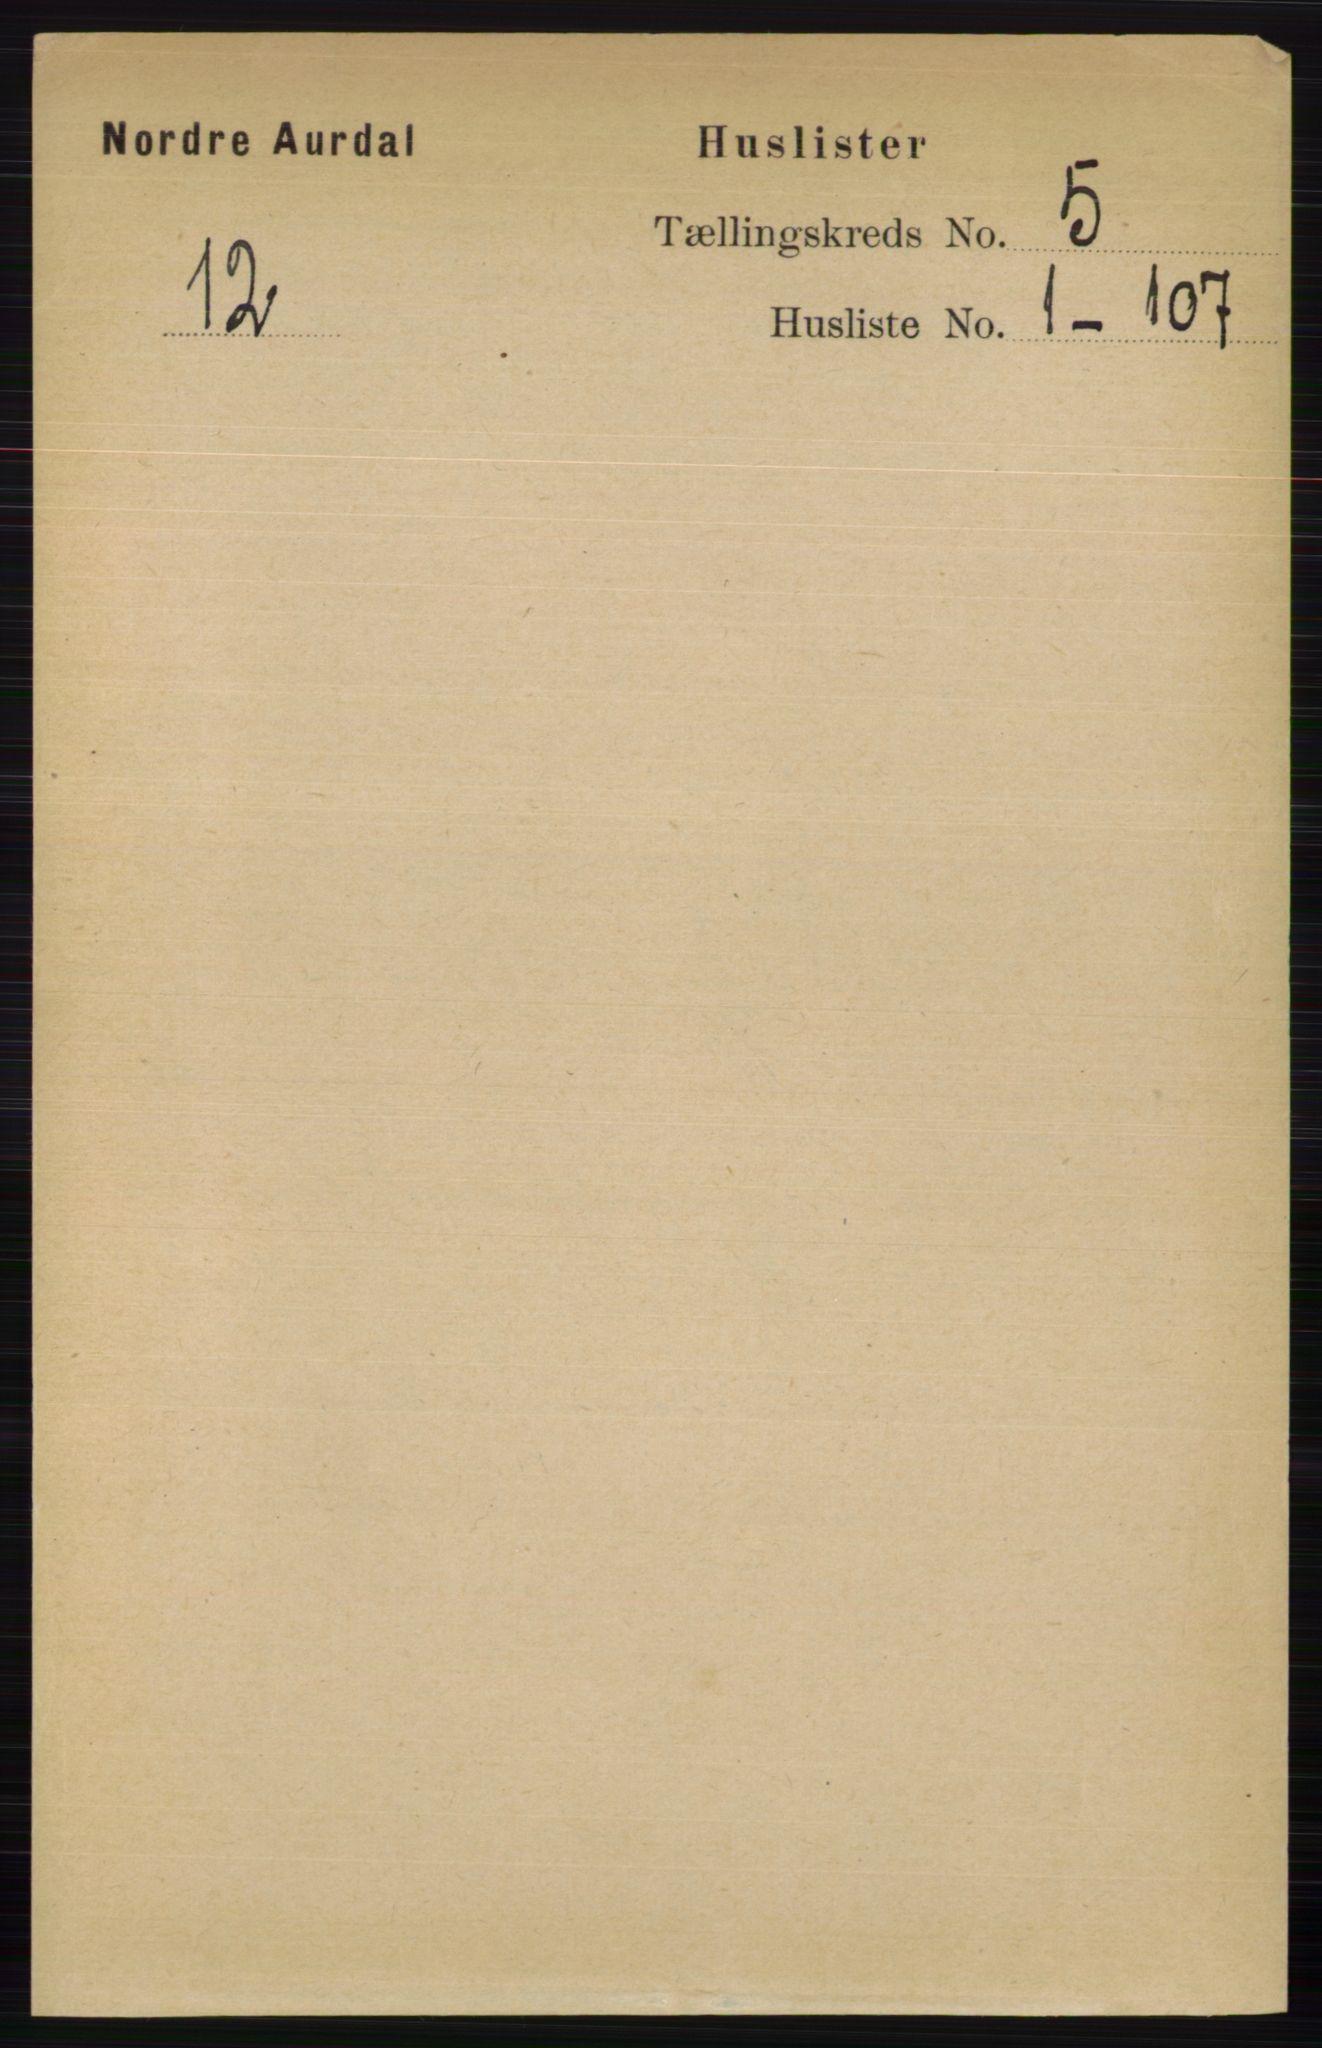 RA, Folketelling 1891 for 0542 Nord-Aurdal herred, 1891, s. 1241